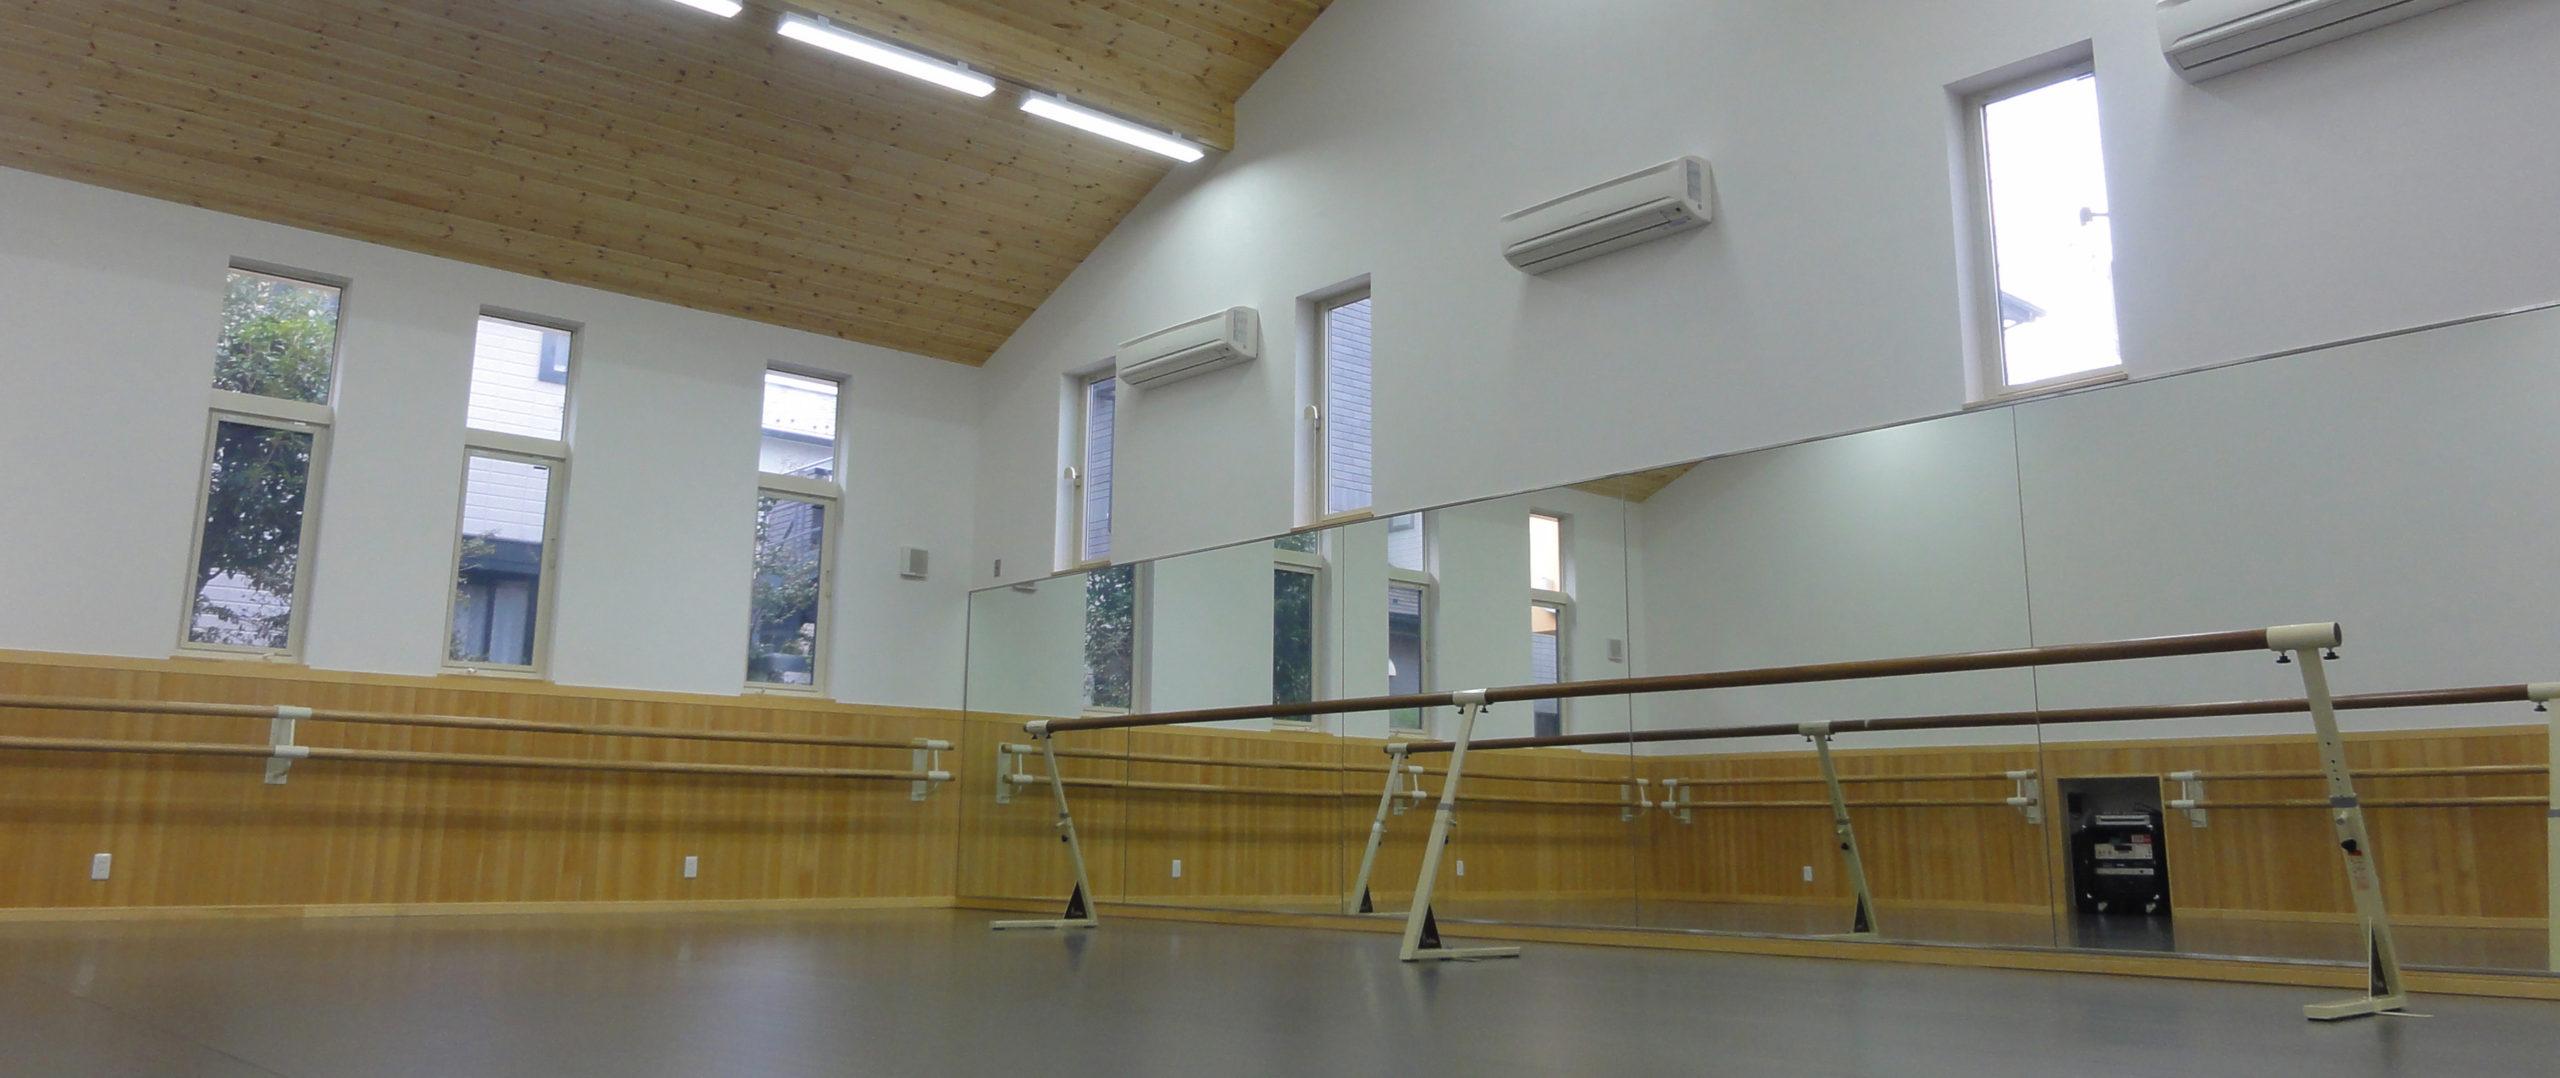 Kei スタジオ